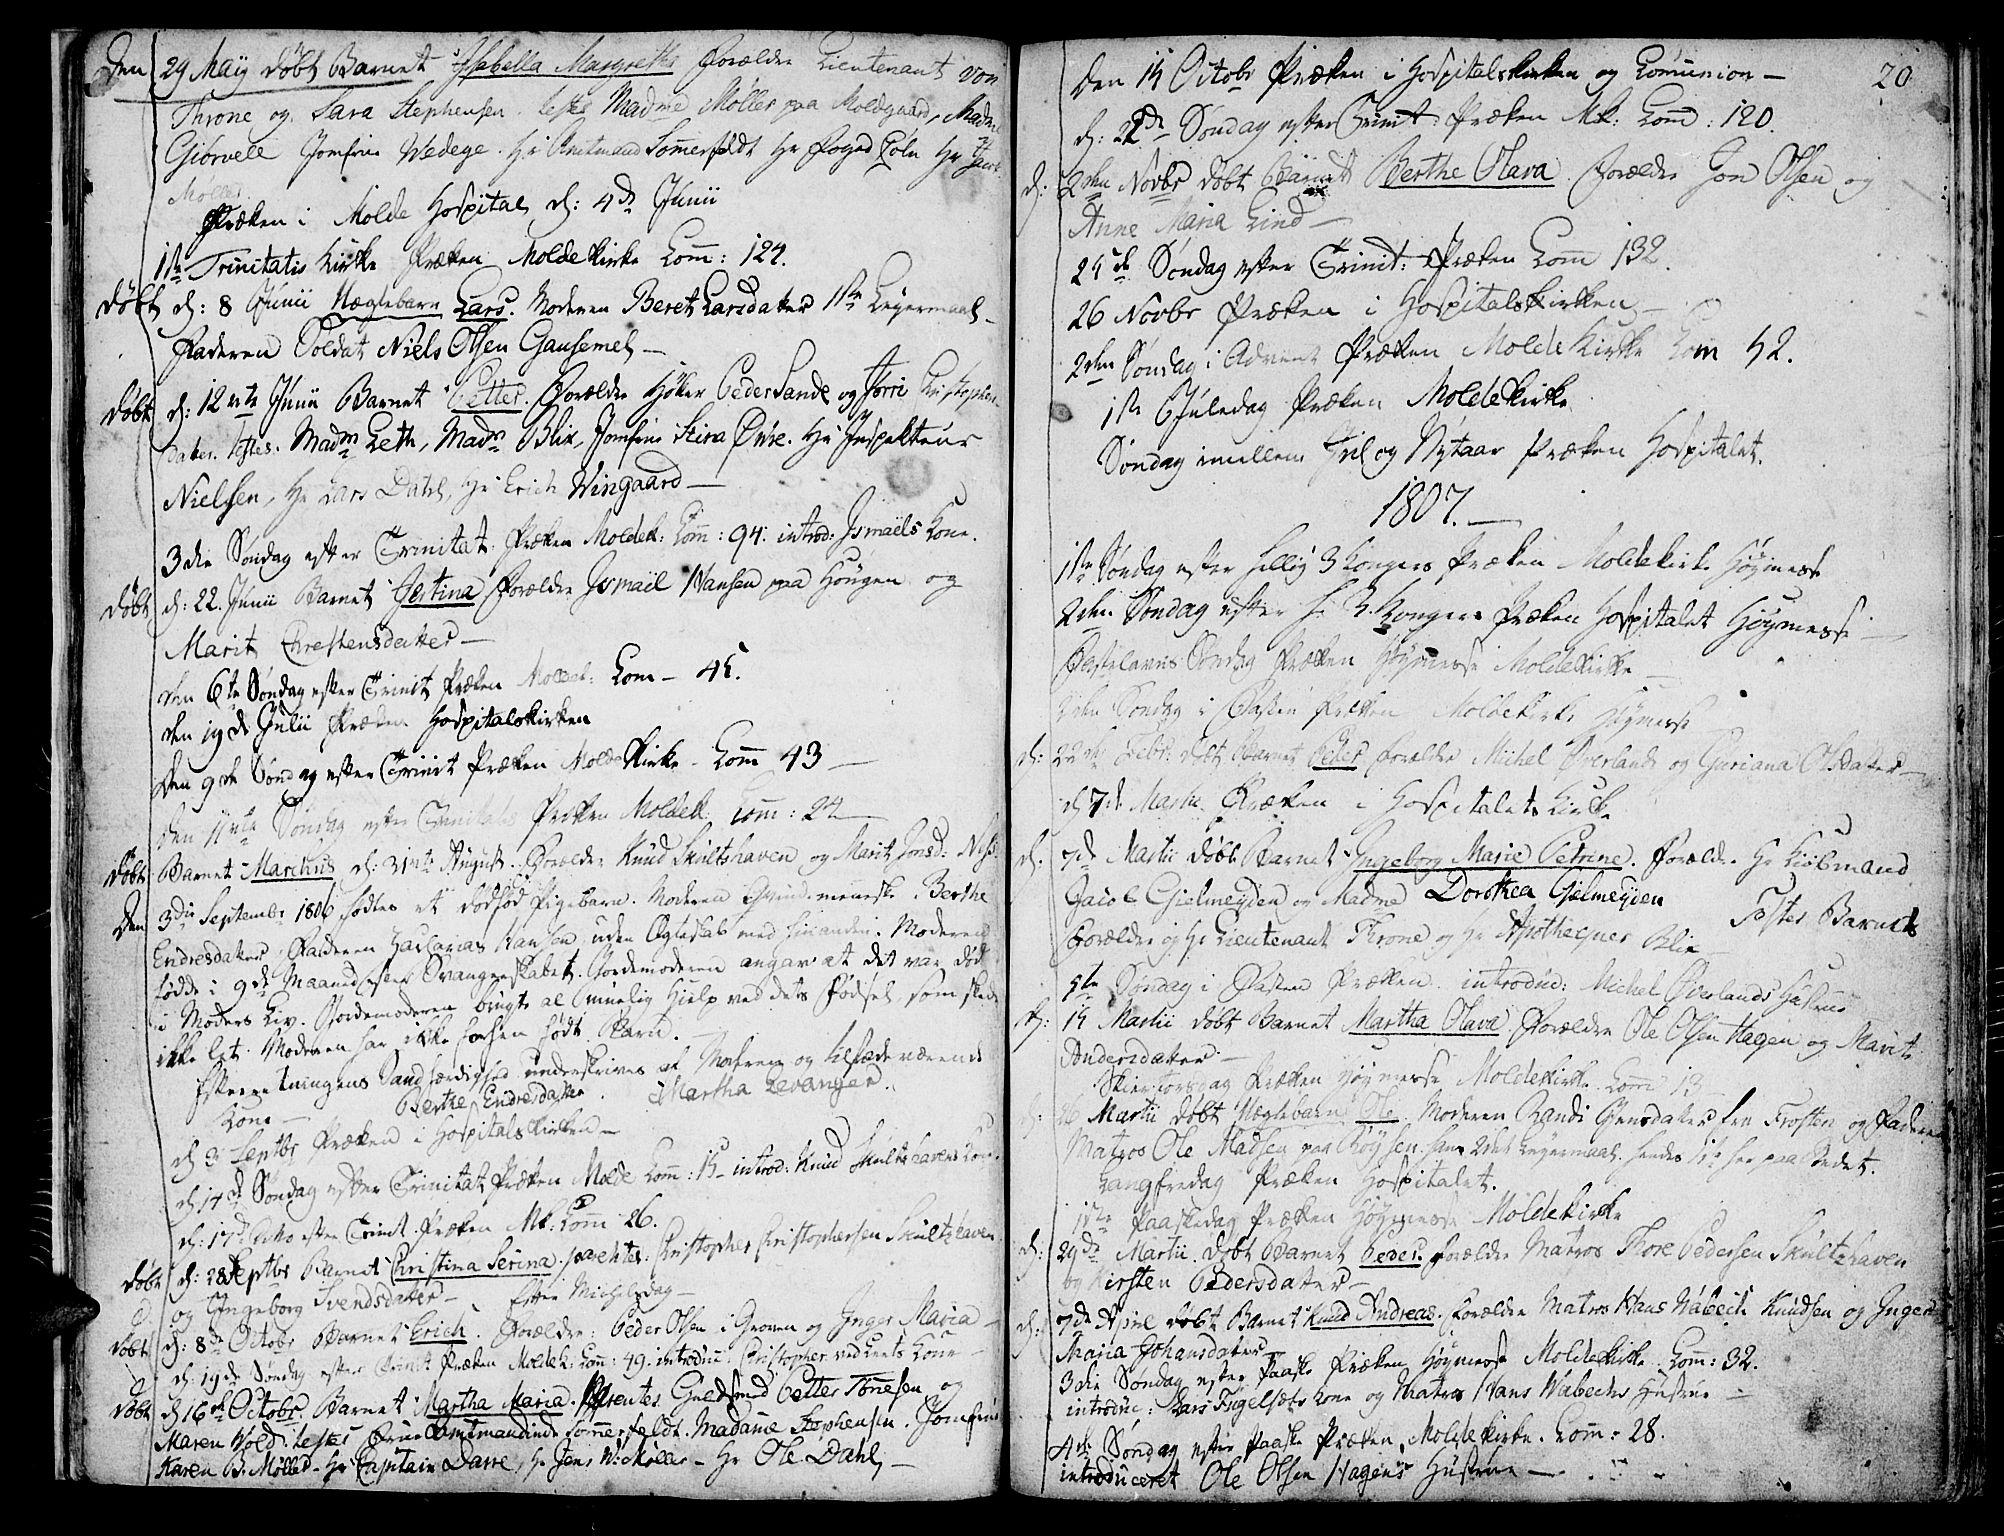 SAT, Ministerialprotokoller, klokkerbøker og fødselsregistre - Møre og Romsdal, 558/L0687: Ministerialbok nr. 558A01, 1798-1818, s. 20